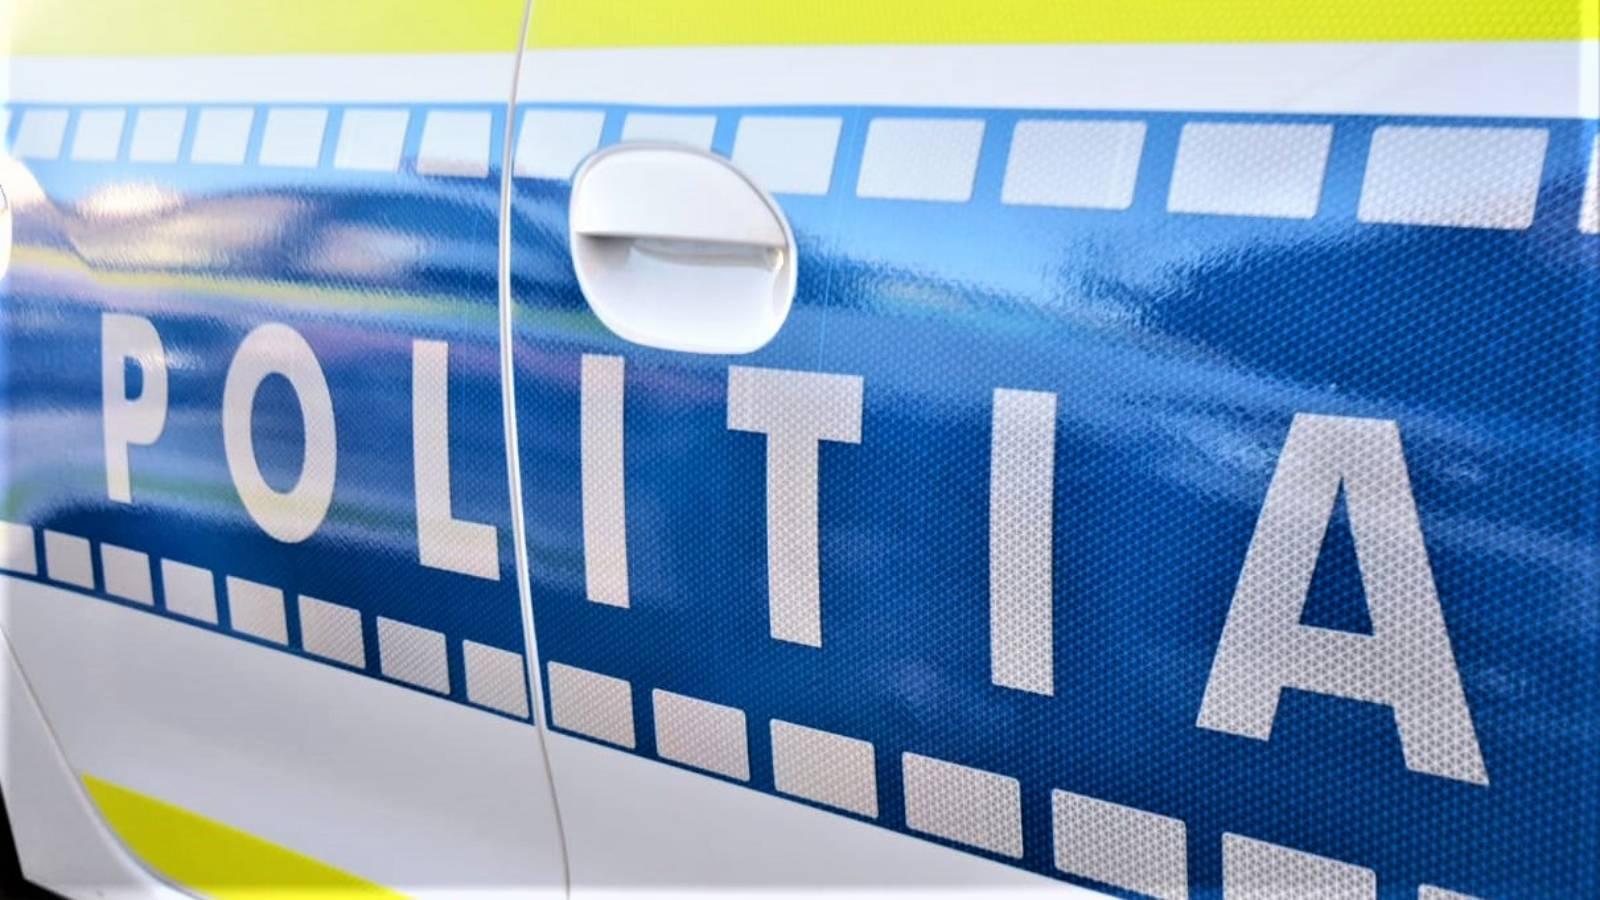 Politia Romana recomandare donare plasma